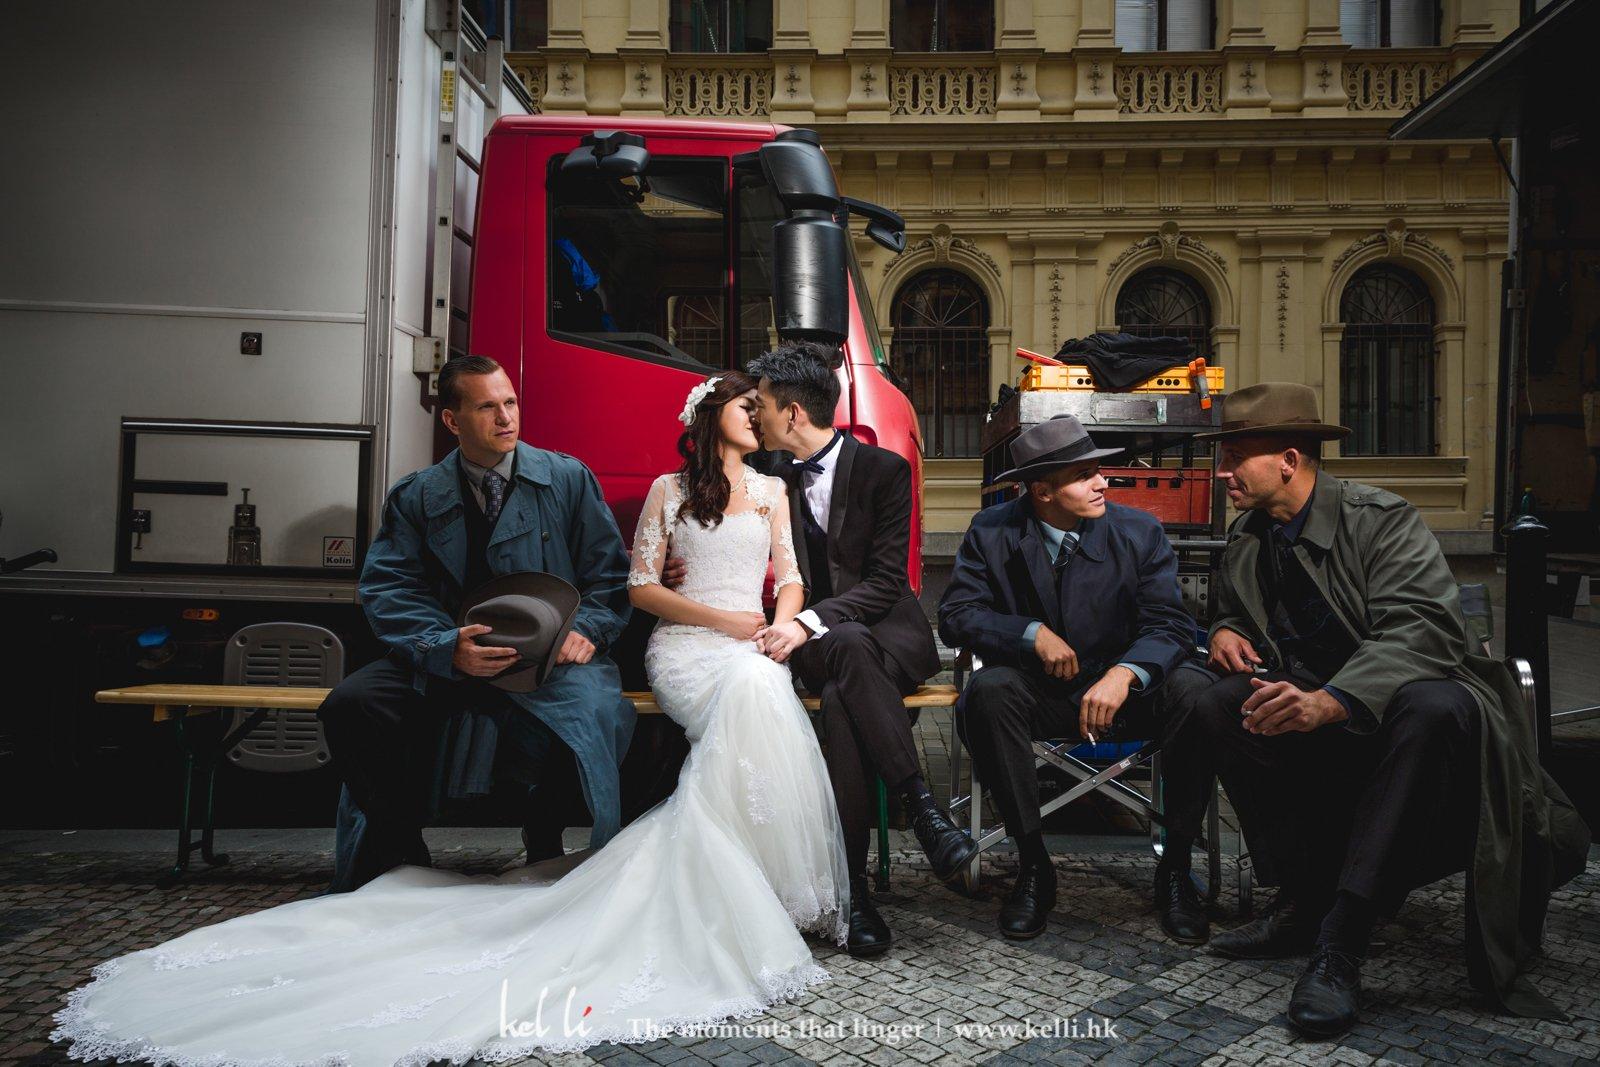 情繫布拉格 | Prague Prewedding 布拉格婚紗攝影